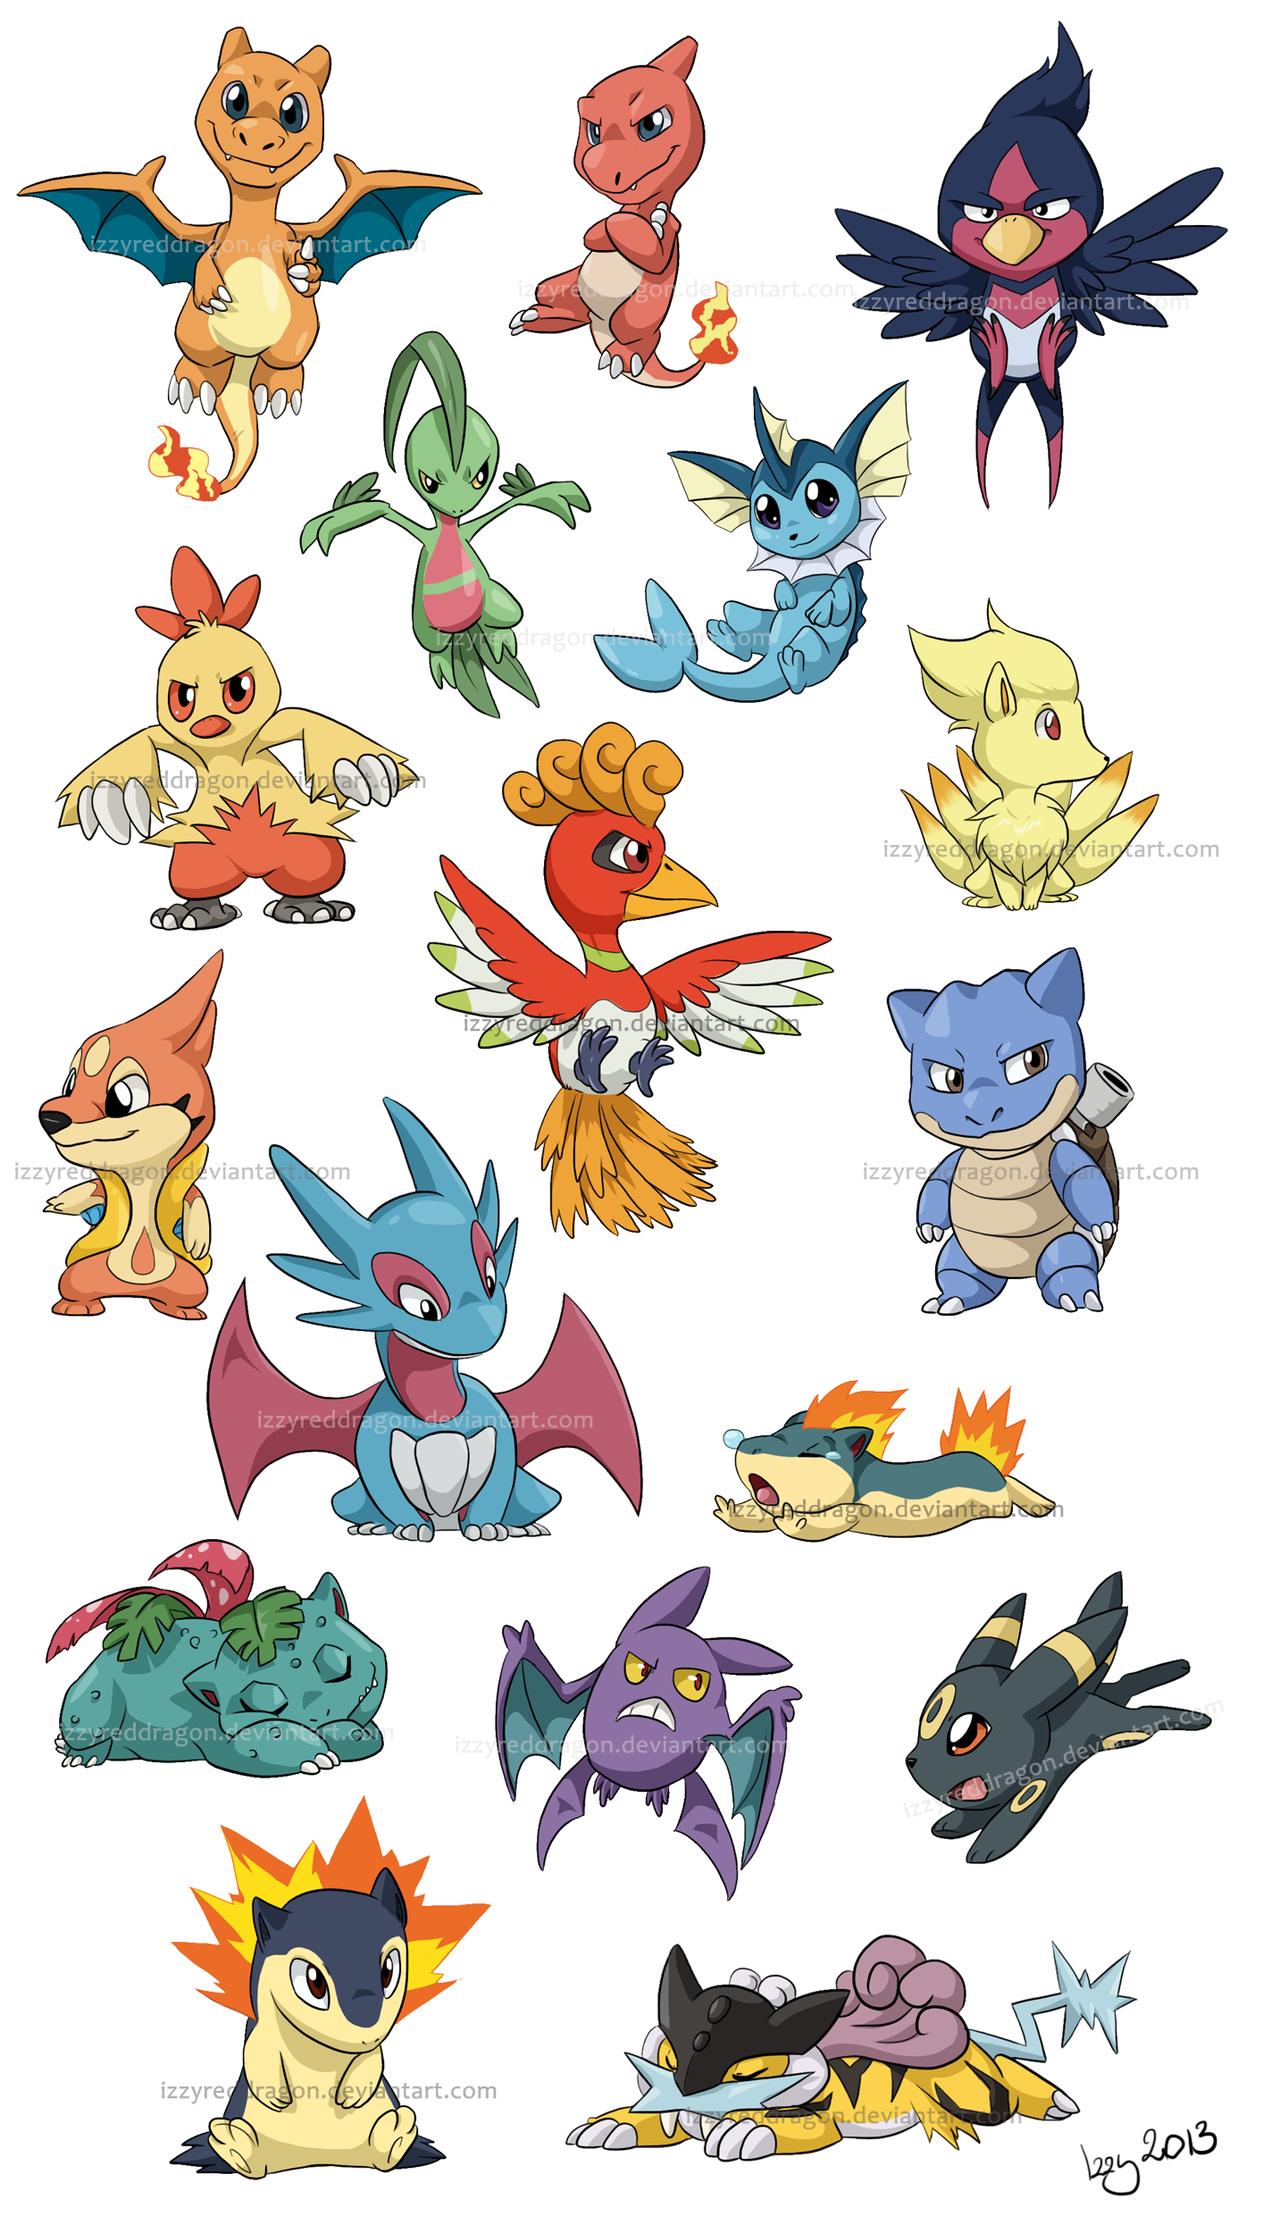 chibi pokemon stuff by *izzyreddragon on deviantart   pokemon favs